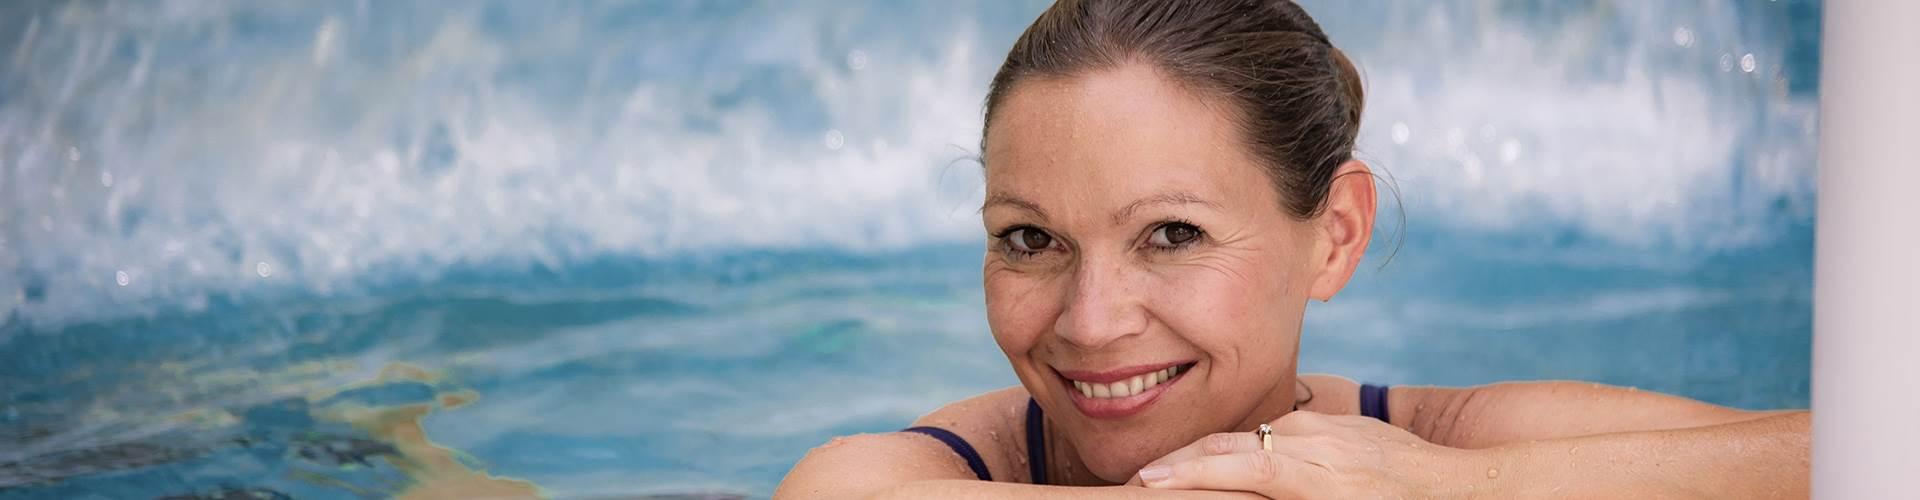 Frau am Poolrand im Portrait